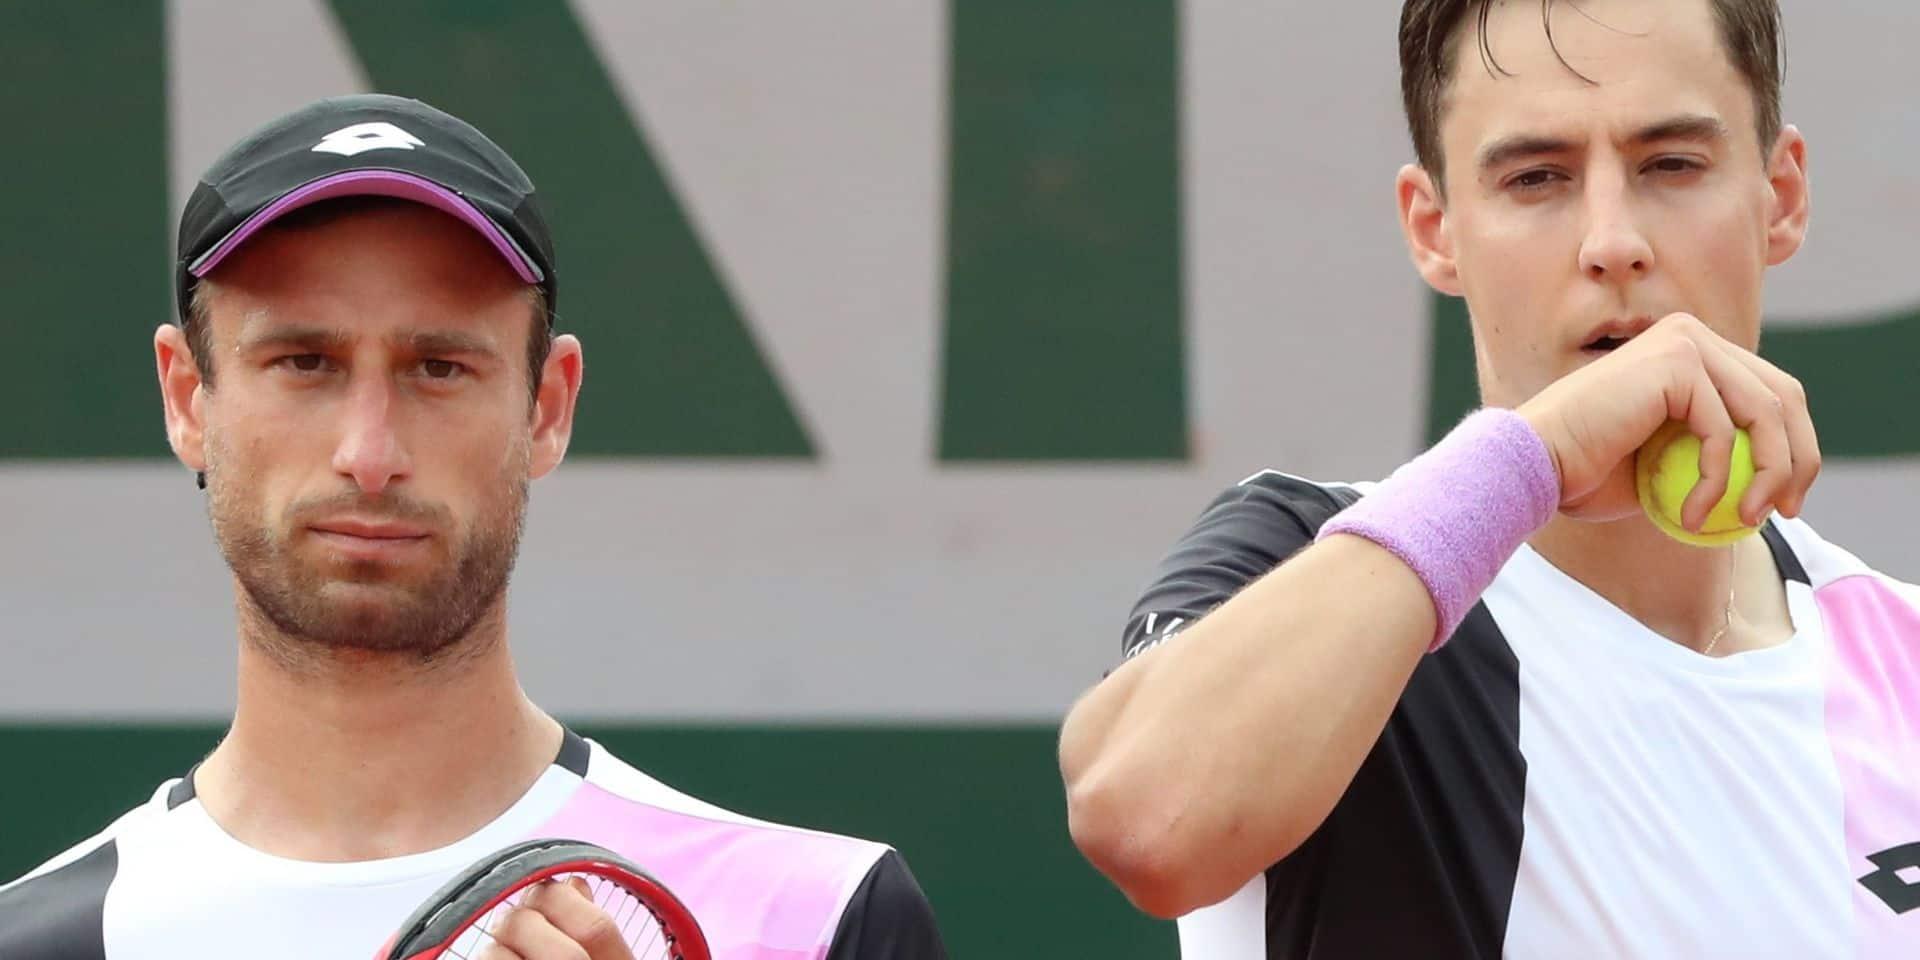 Wimbledon: Sander Gillé et Joran Vliegen éliminés dès le premier tour en double